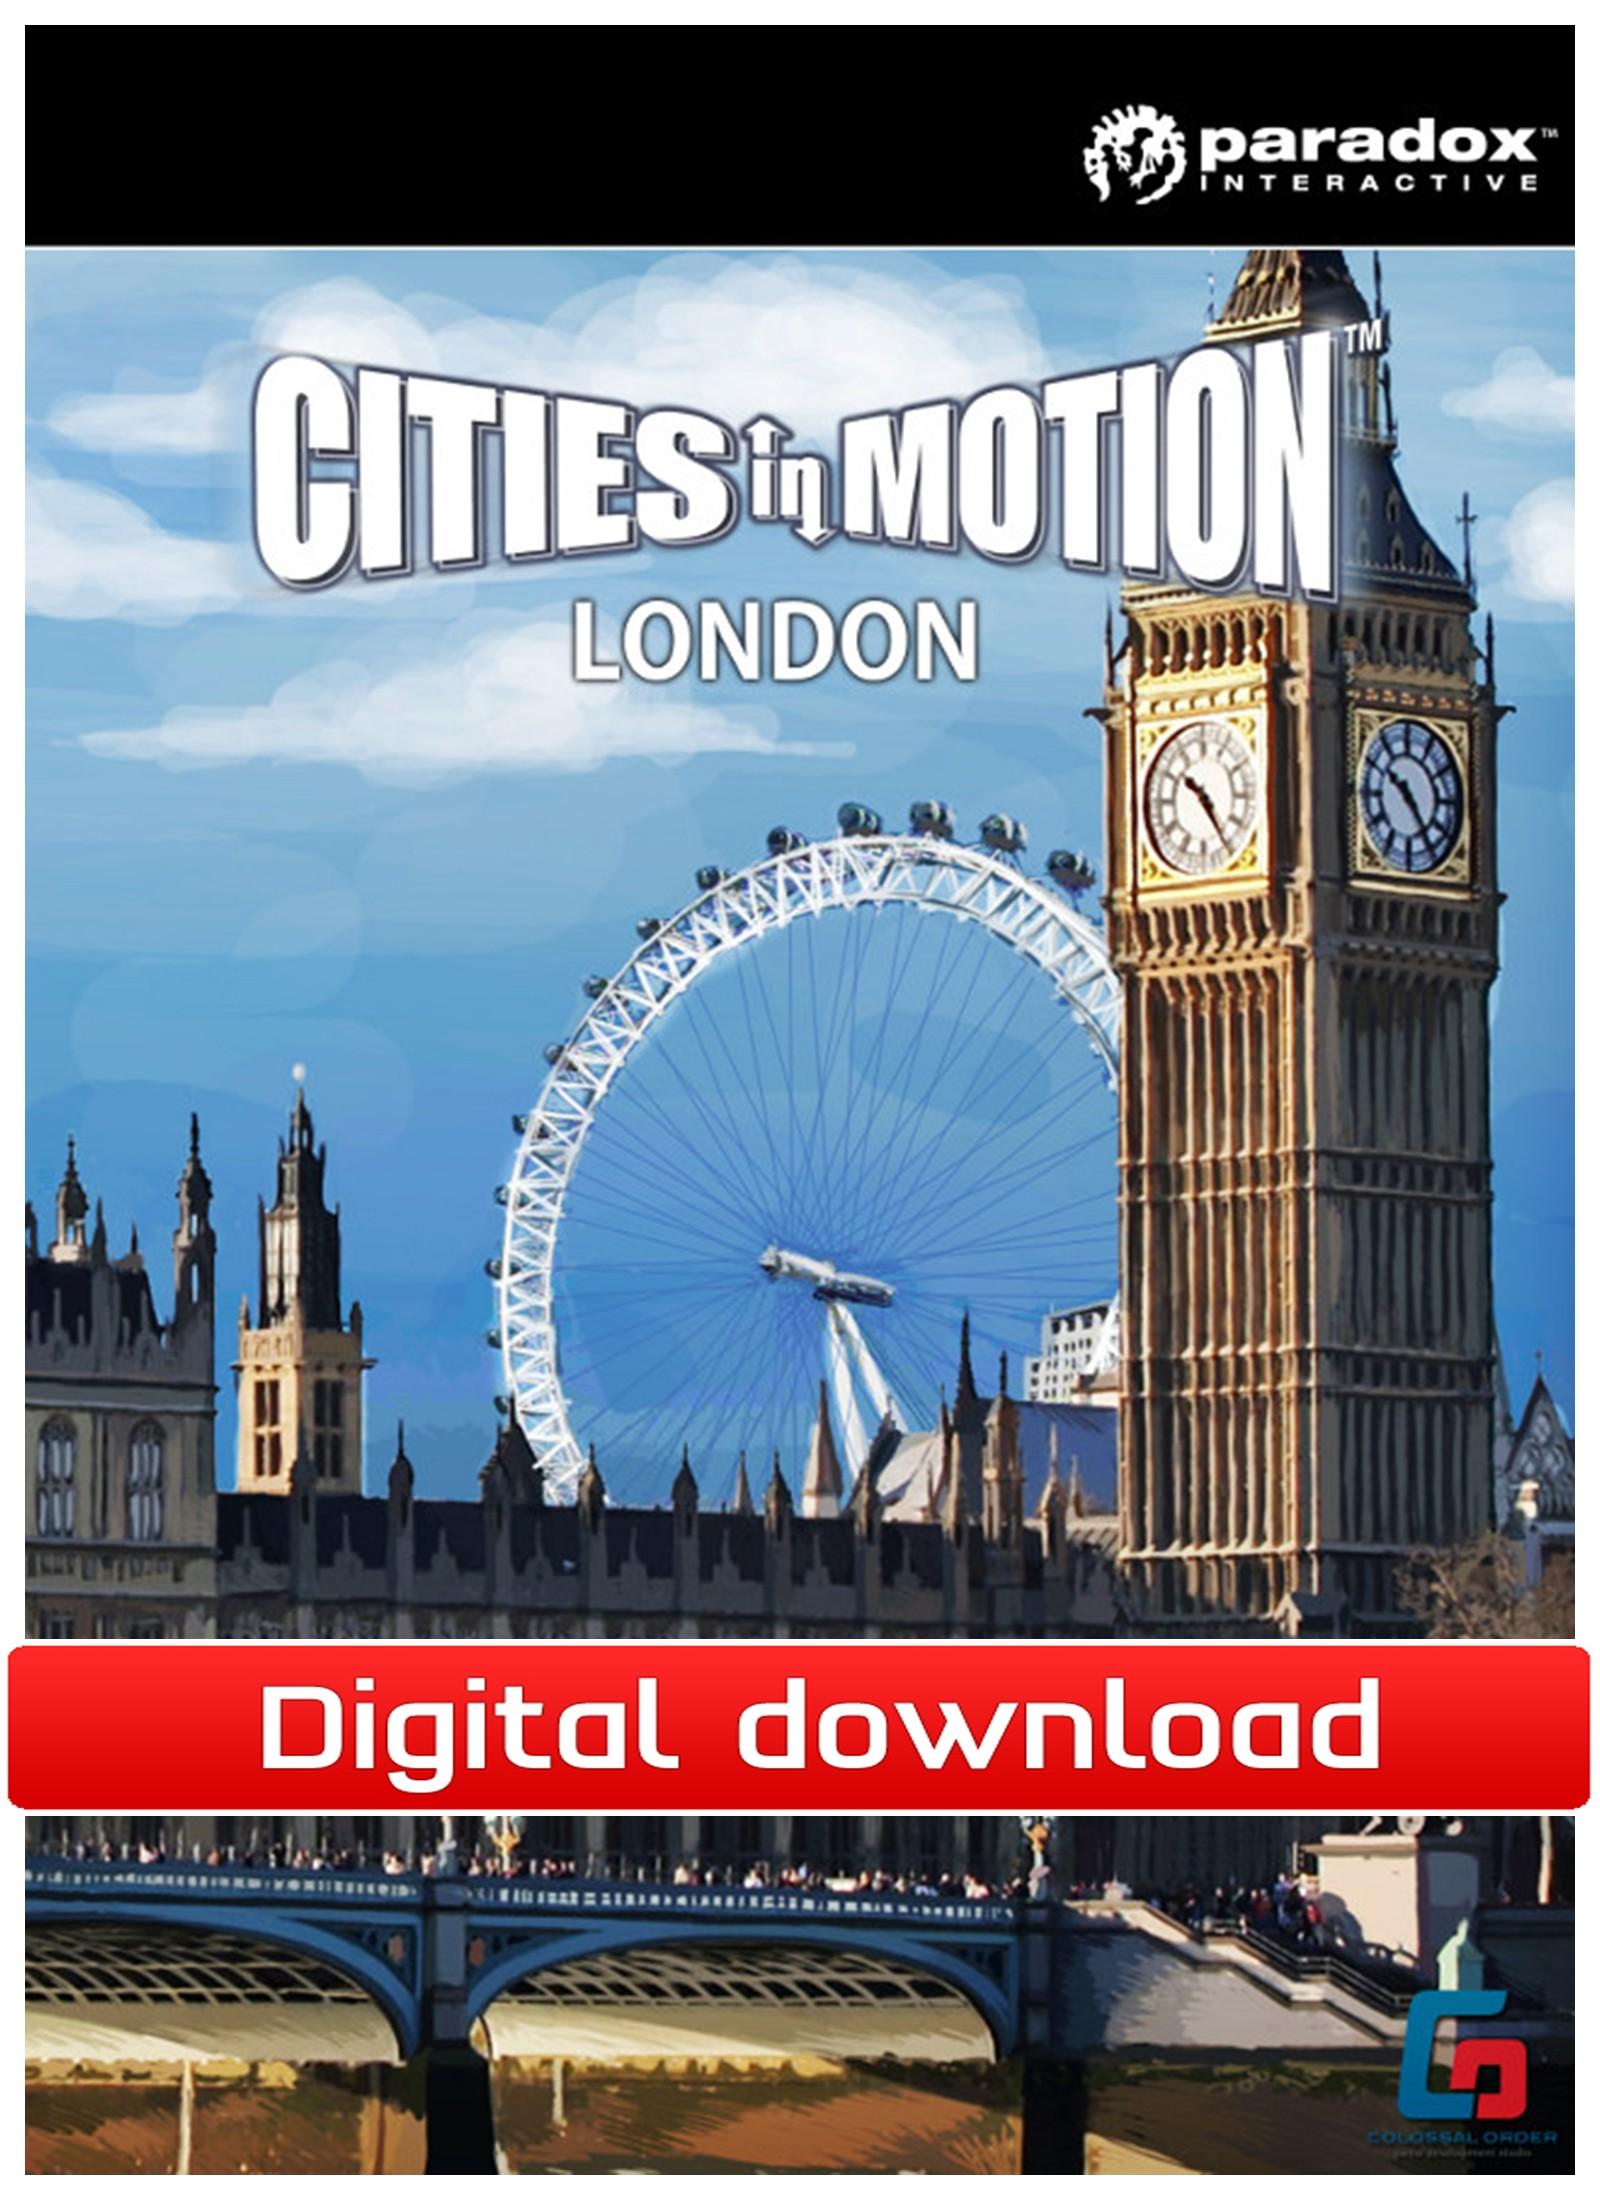 38656 : Cities in Motion: London DLC (PC nedlastning)